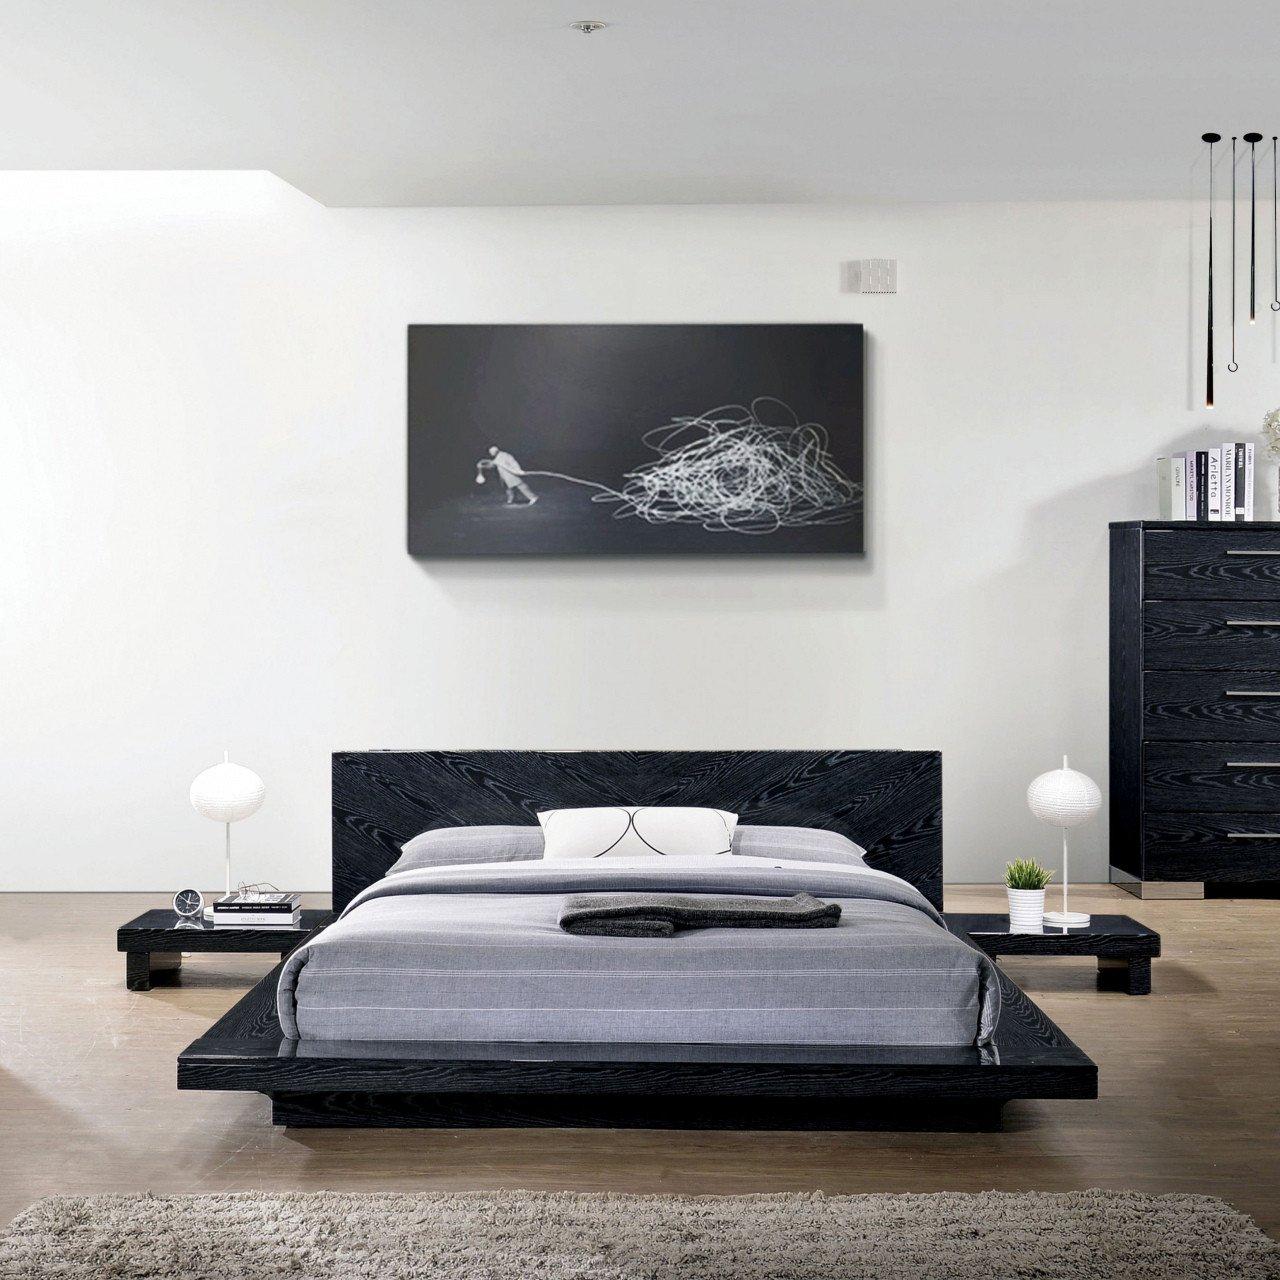 Low Profile Bedroom Set New King Metal Platform Bed — Procura Home Blog